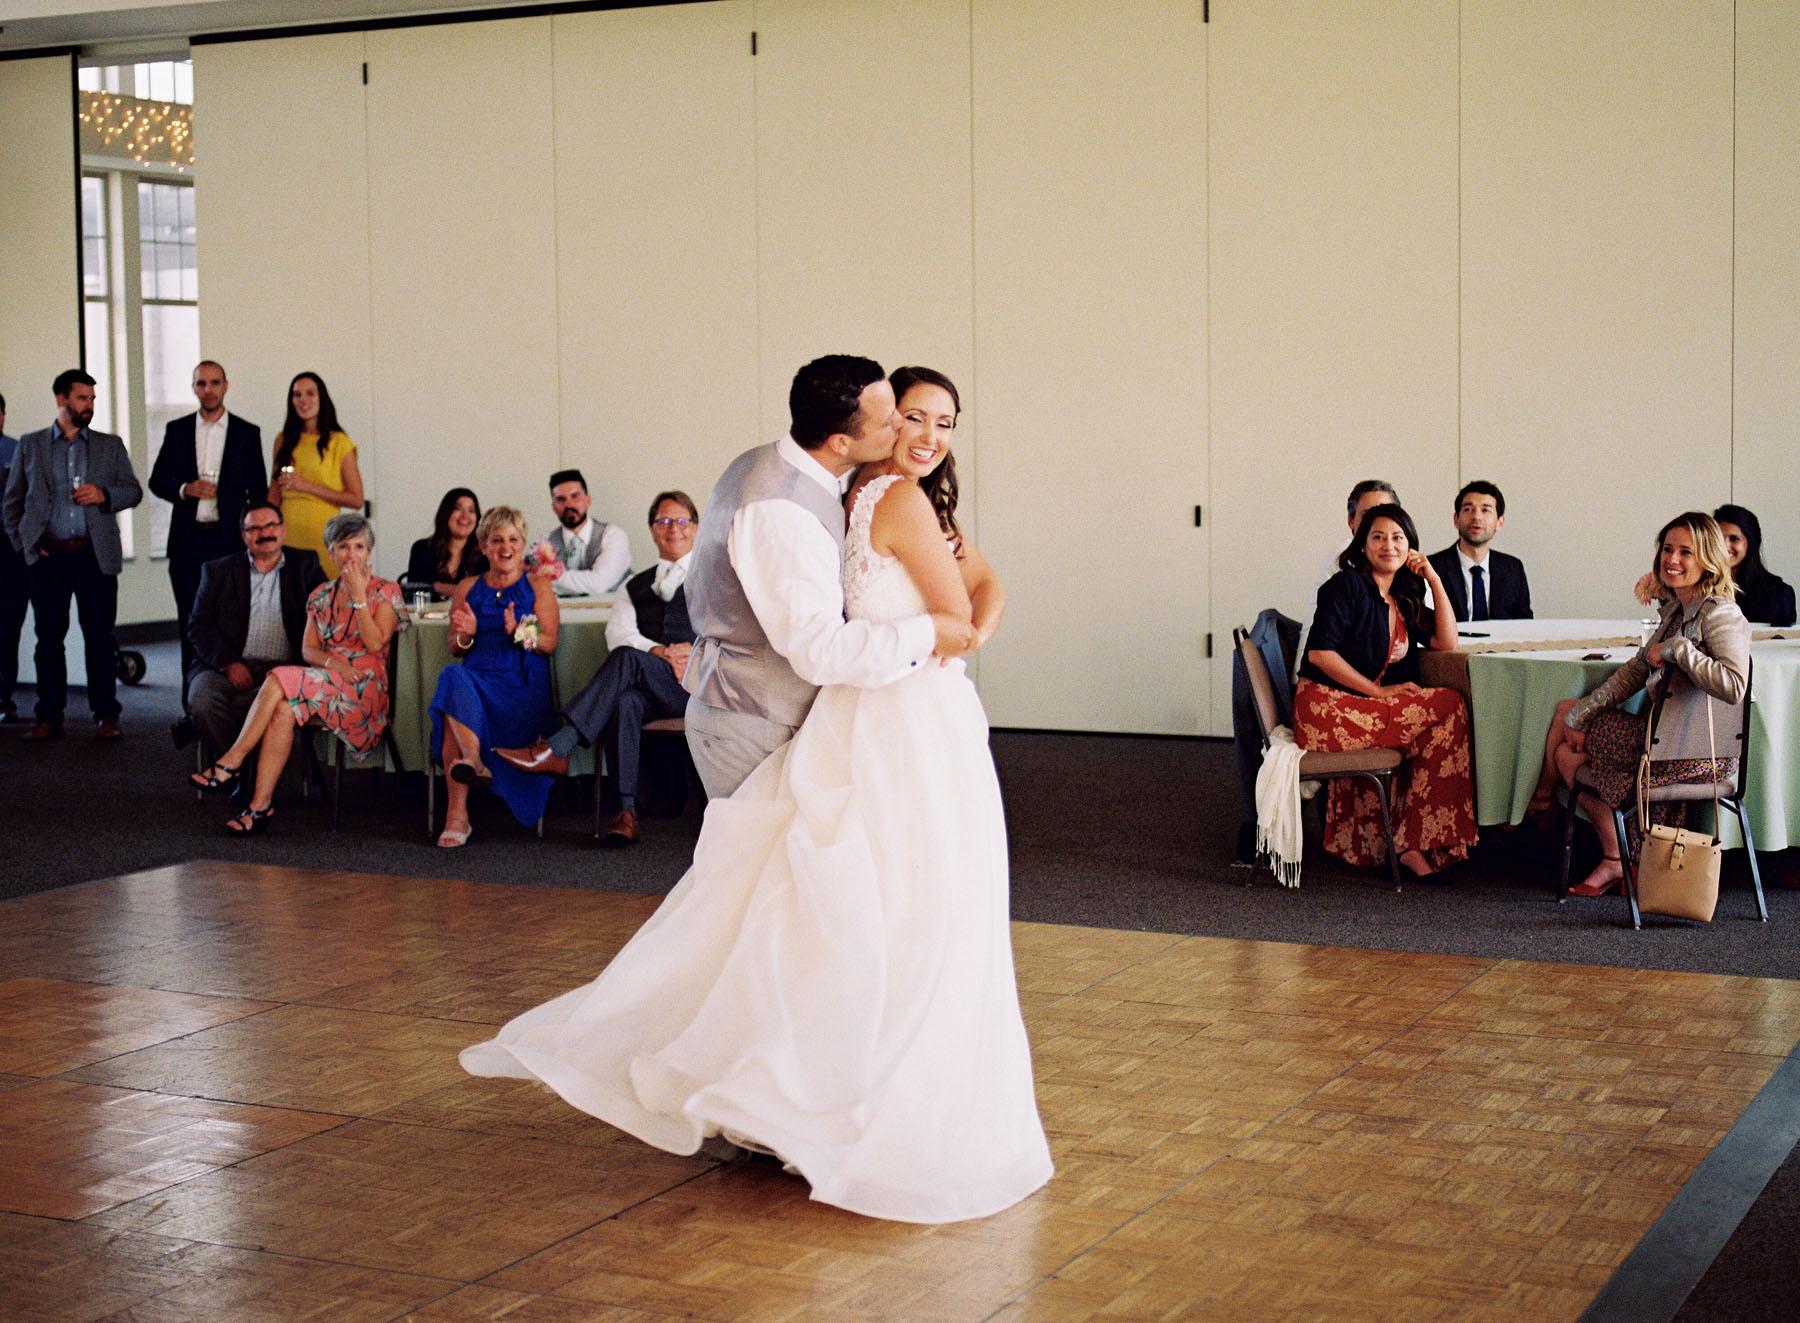 8-11-18 Vanessa and Andrew - 224.jpg